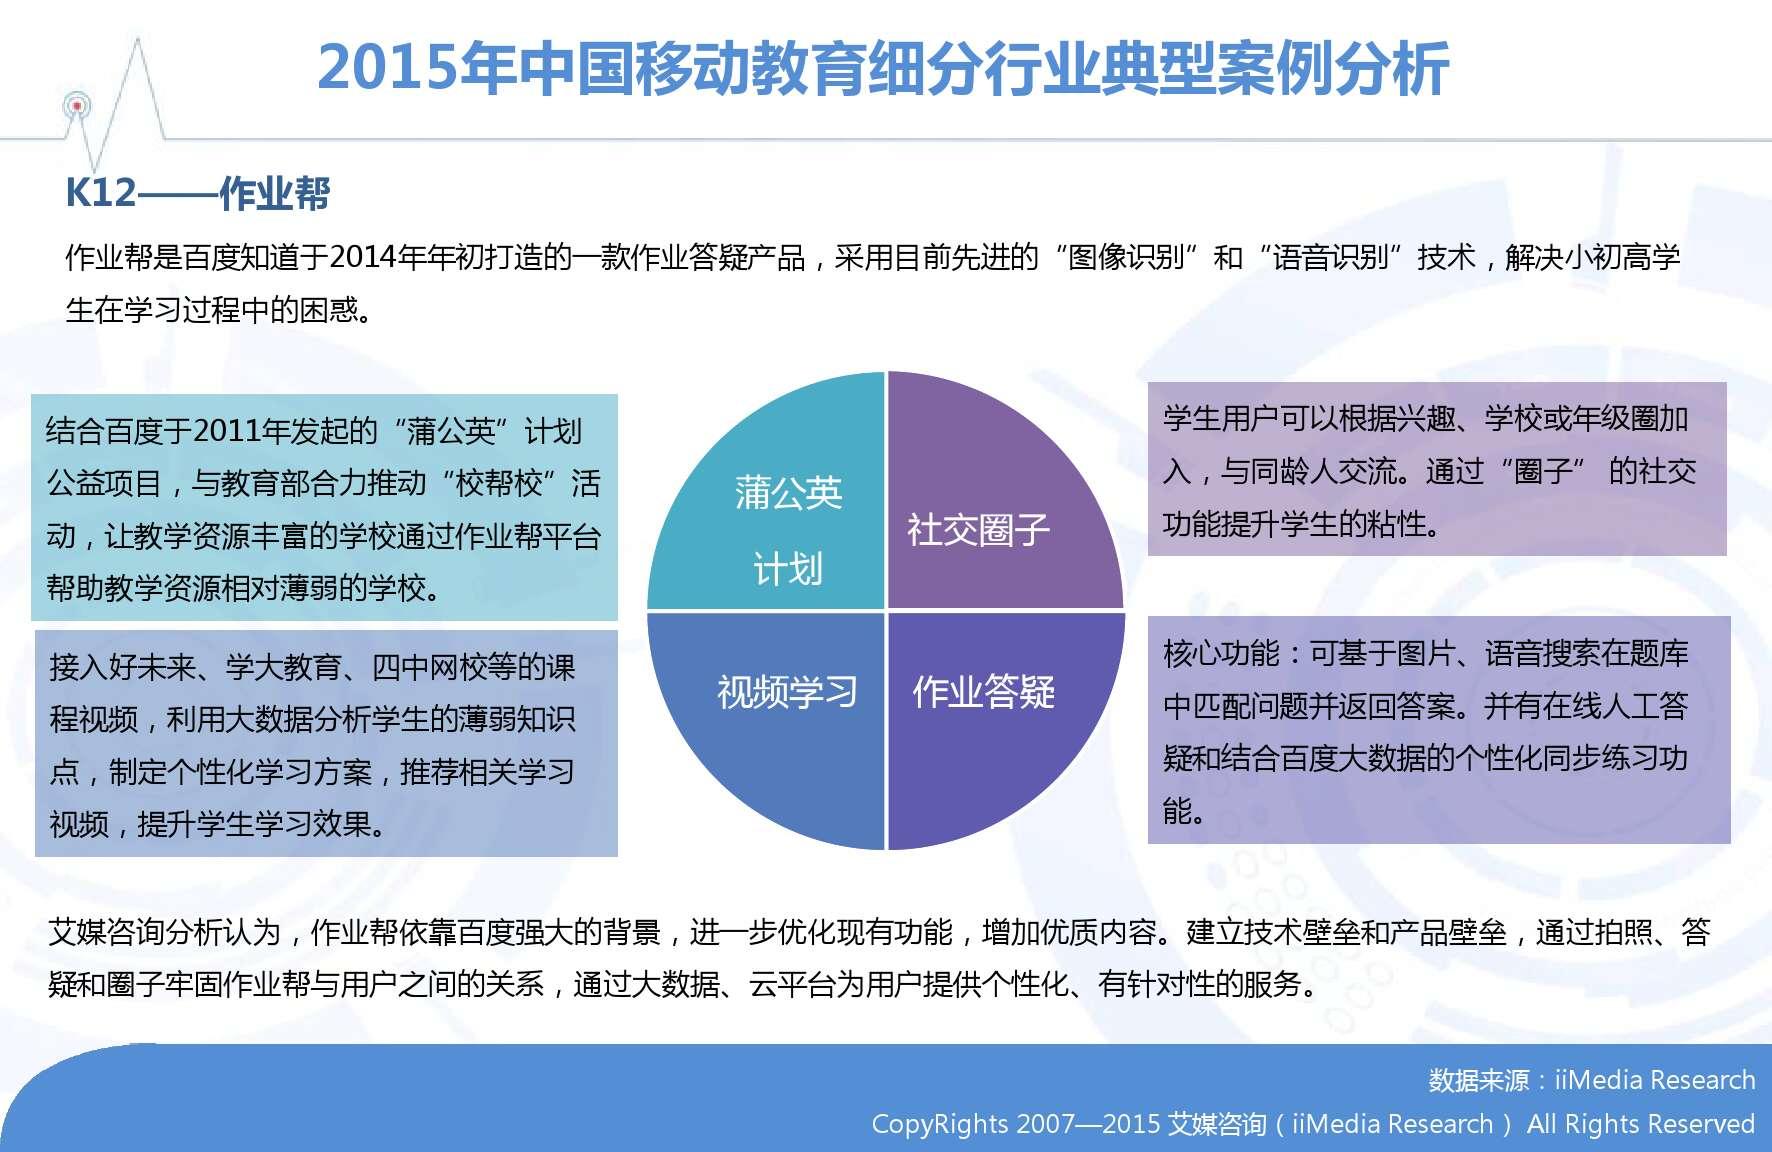 2015-2016年中国移动教育市场研究报告_000029